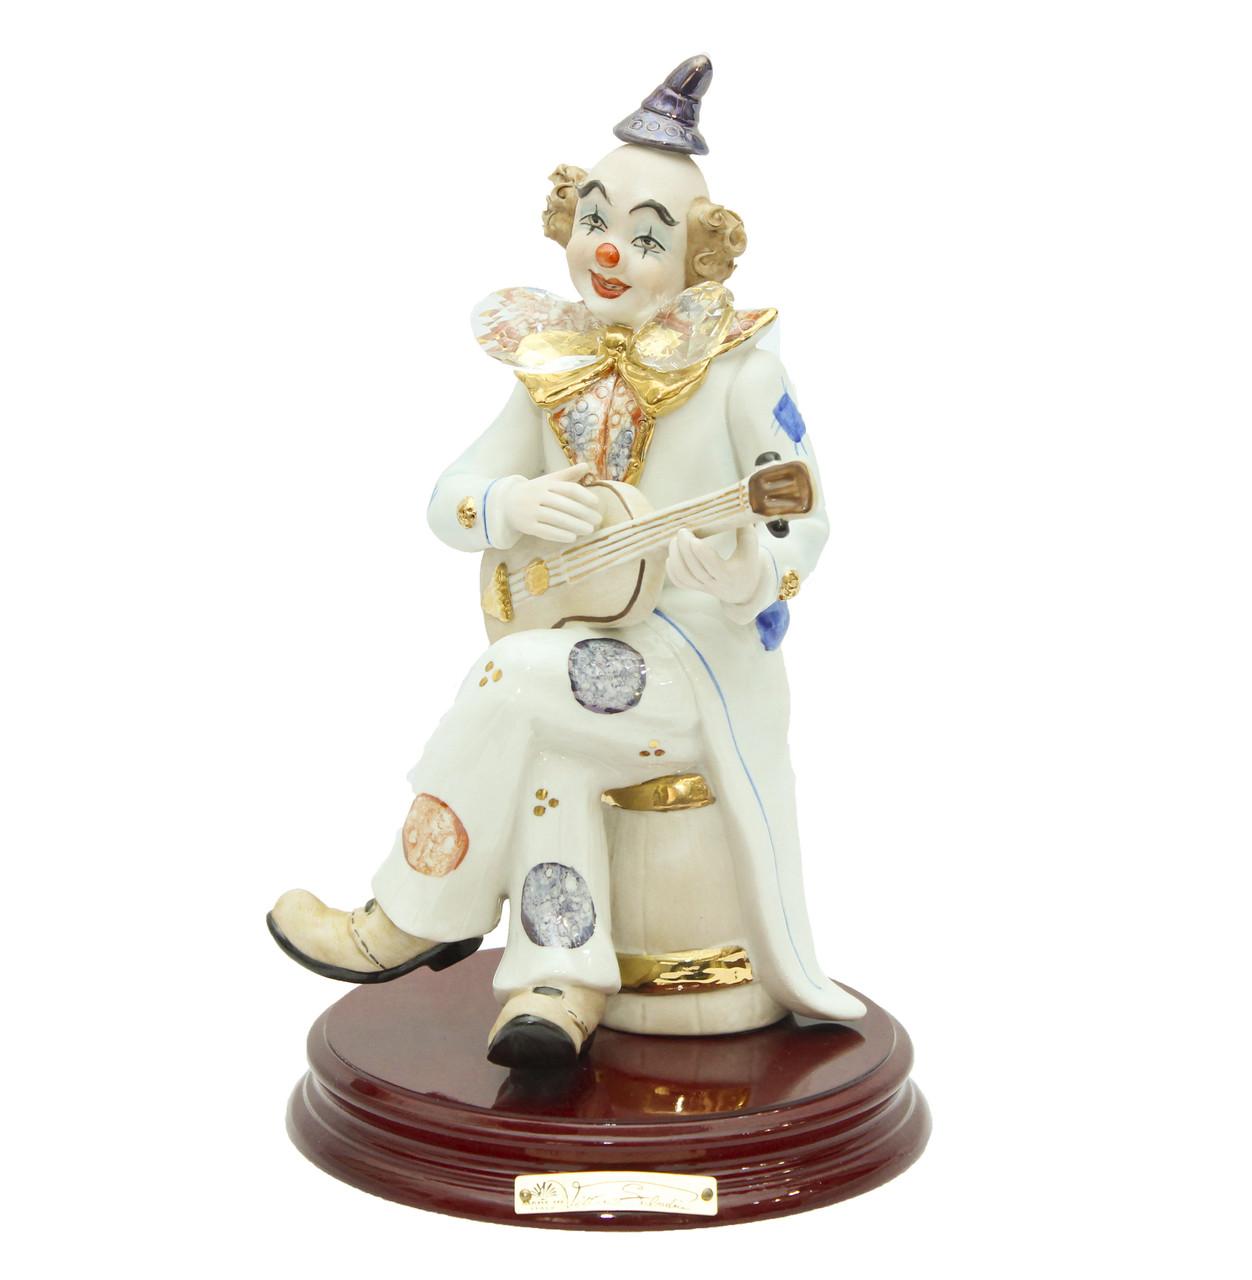 """Фарфоровая статуэтка """"Клоун с мандолиной"""". Ручная работа, Италия"""